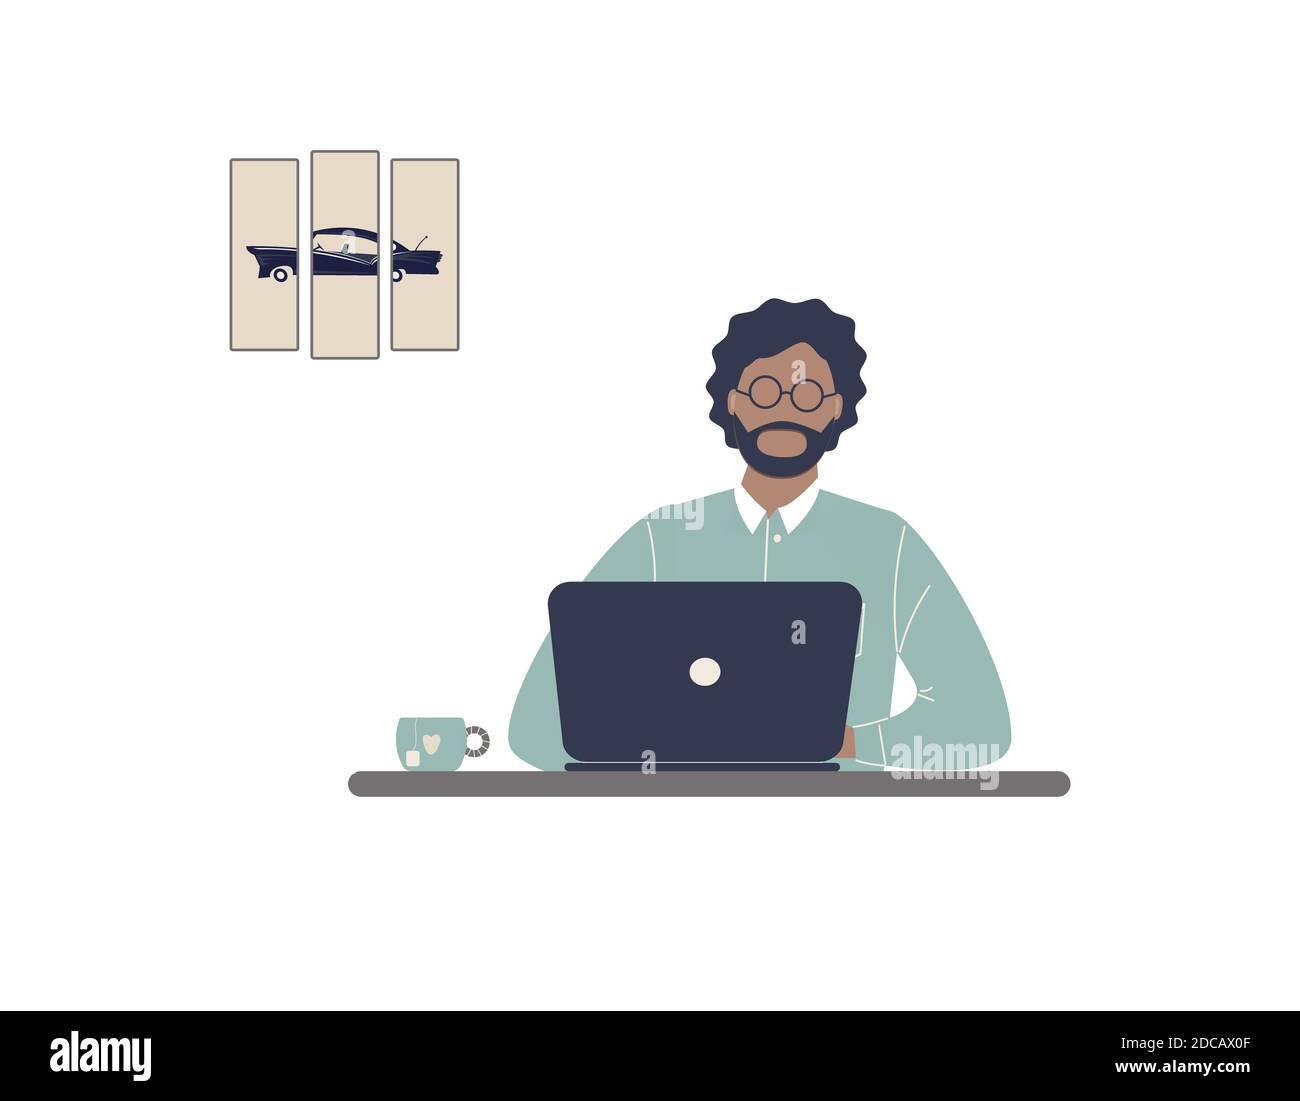 Homme afro-américain tuteur travailler sur ordinateur portable.travail à distance, e-learning à distance ou formation en ligne pendant l'épidémie de virus.entraîneur ou entraîneur lady Banque D'Images